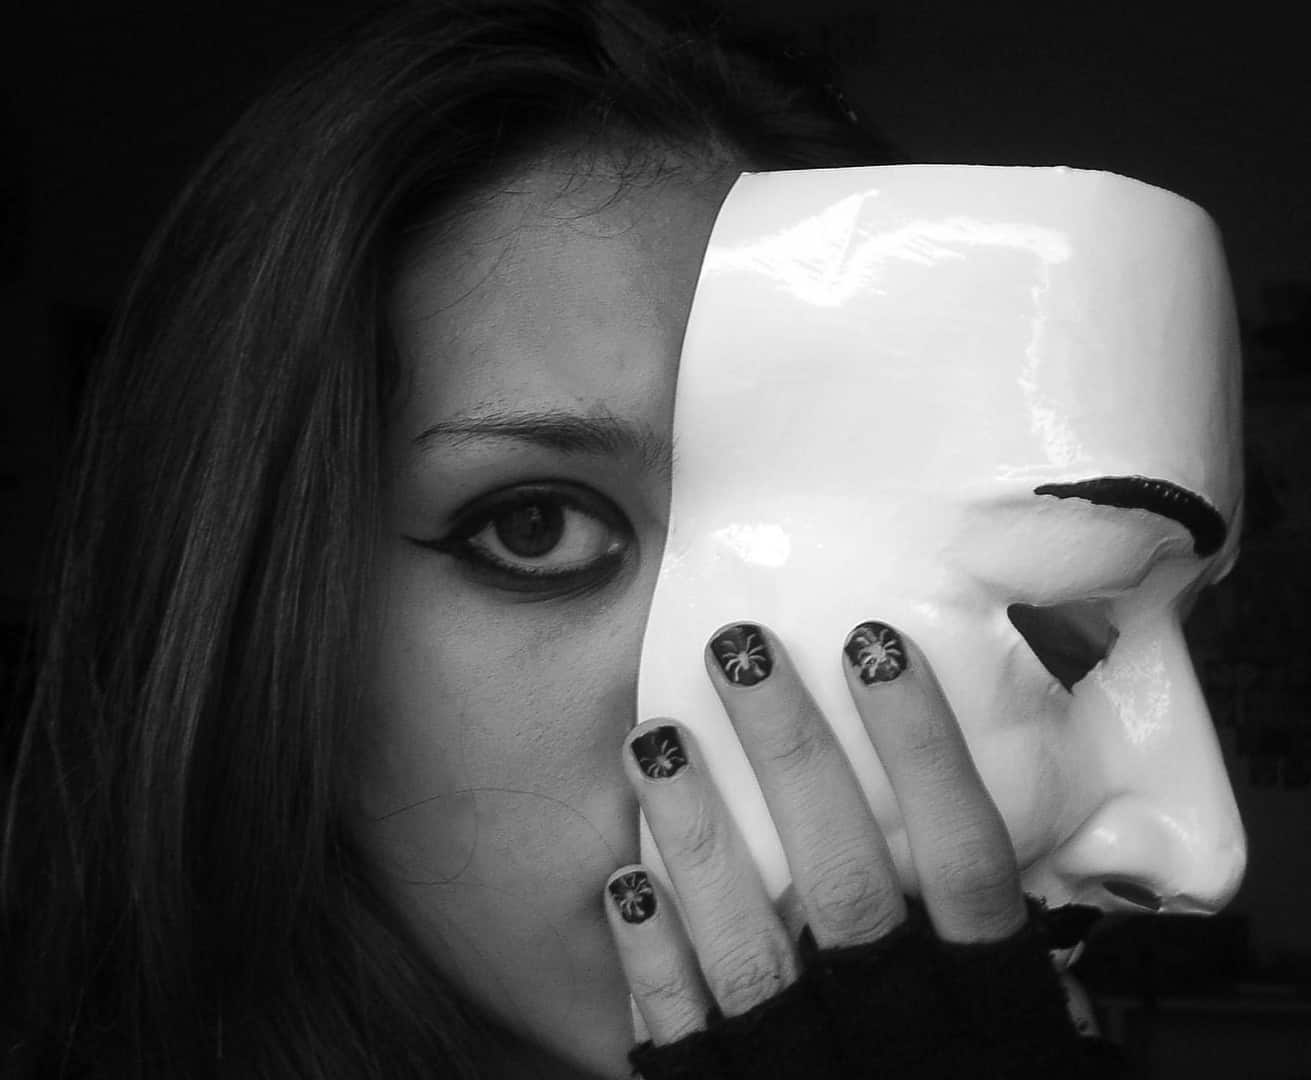 Démasquer l ego : comment enlever le masque et revenir à soi